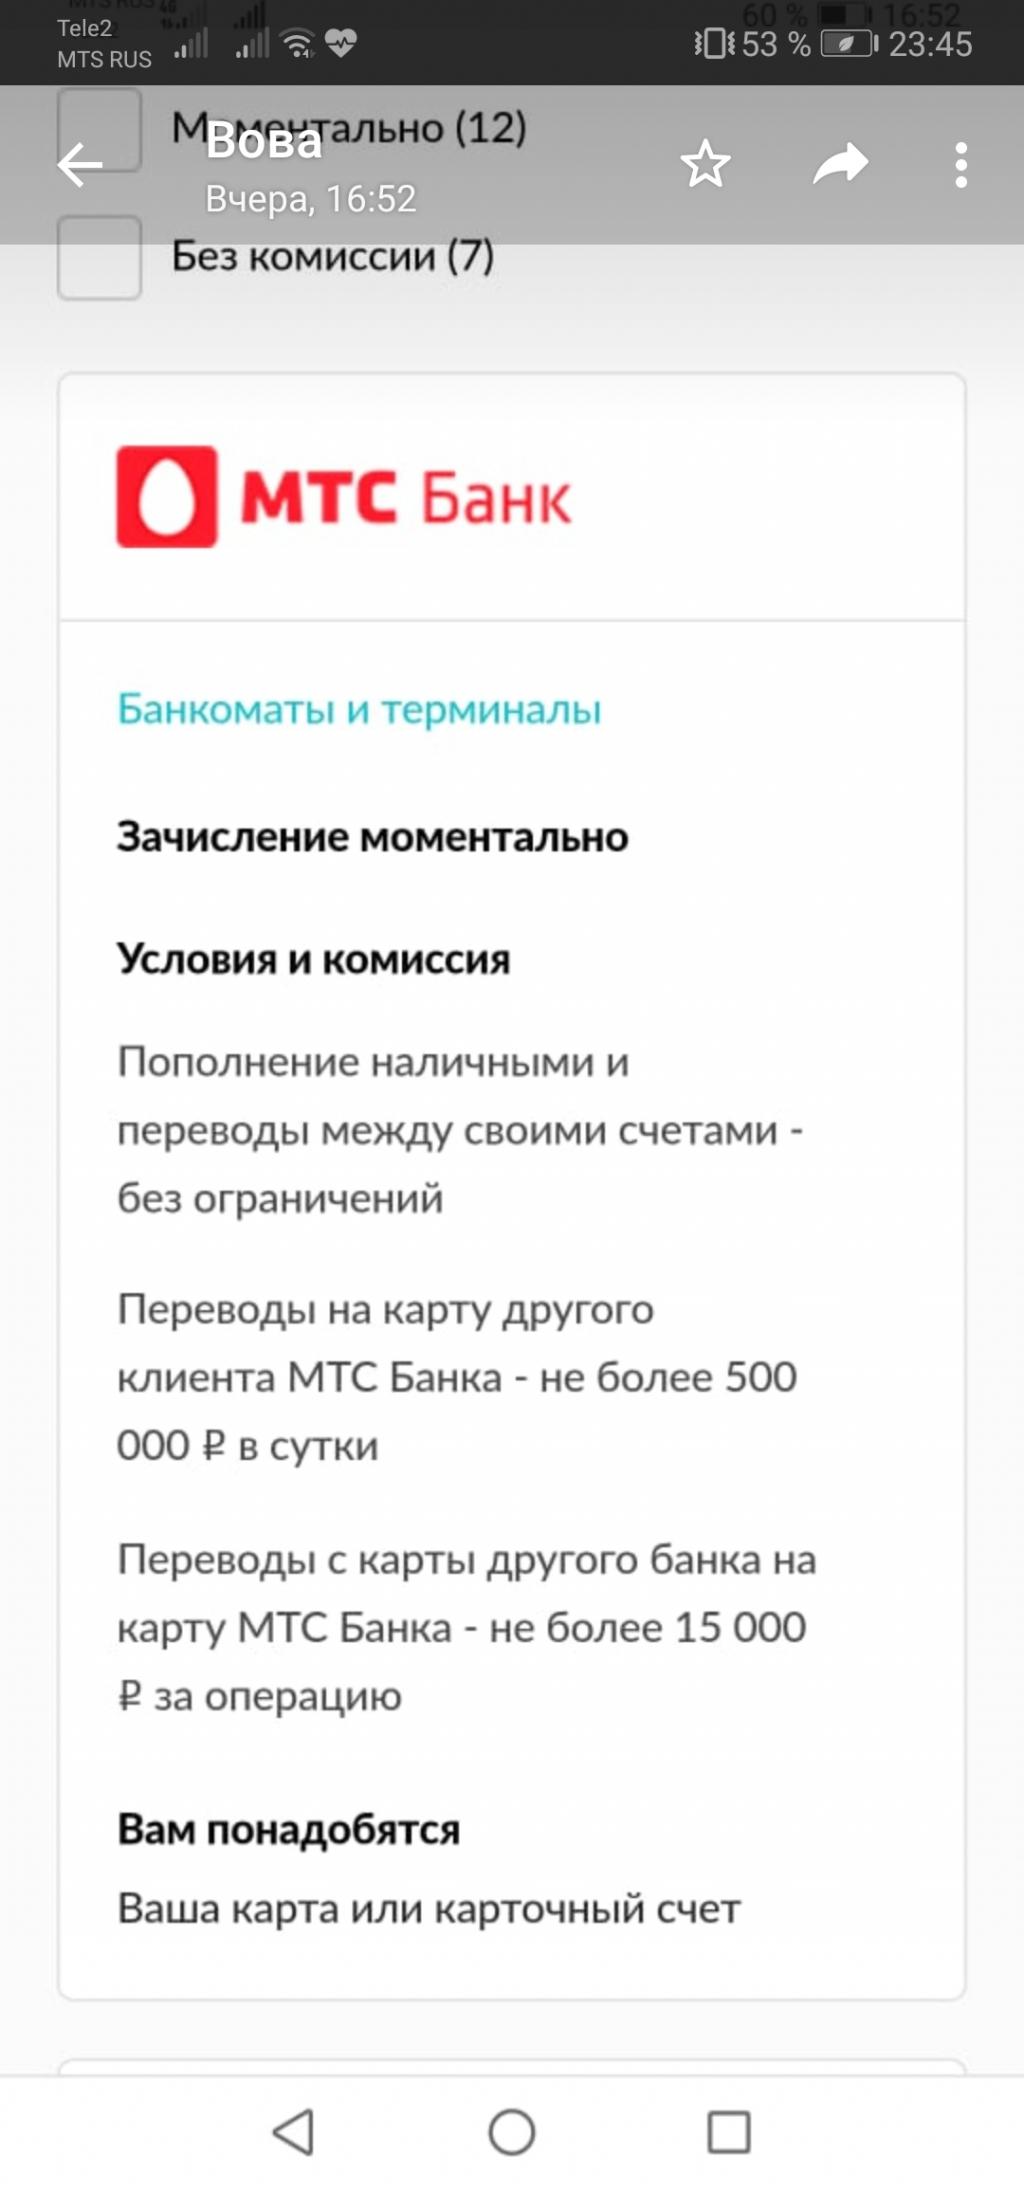 МТС-Банк - Вторвй сутки жду свои деньги на карту